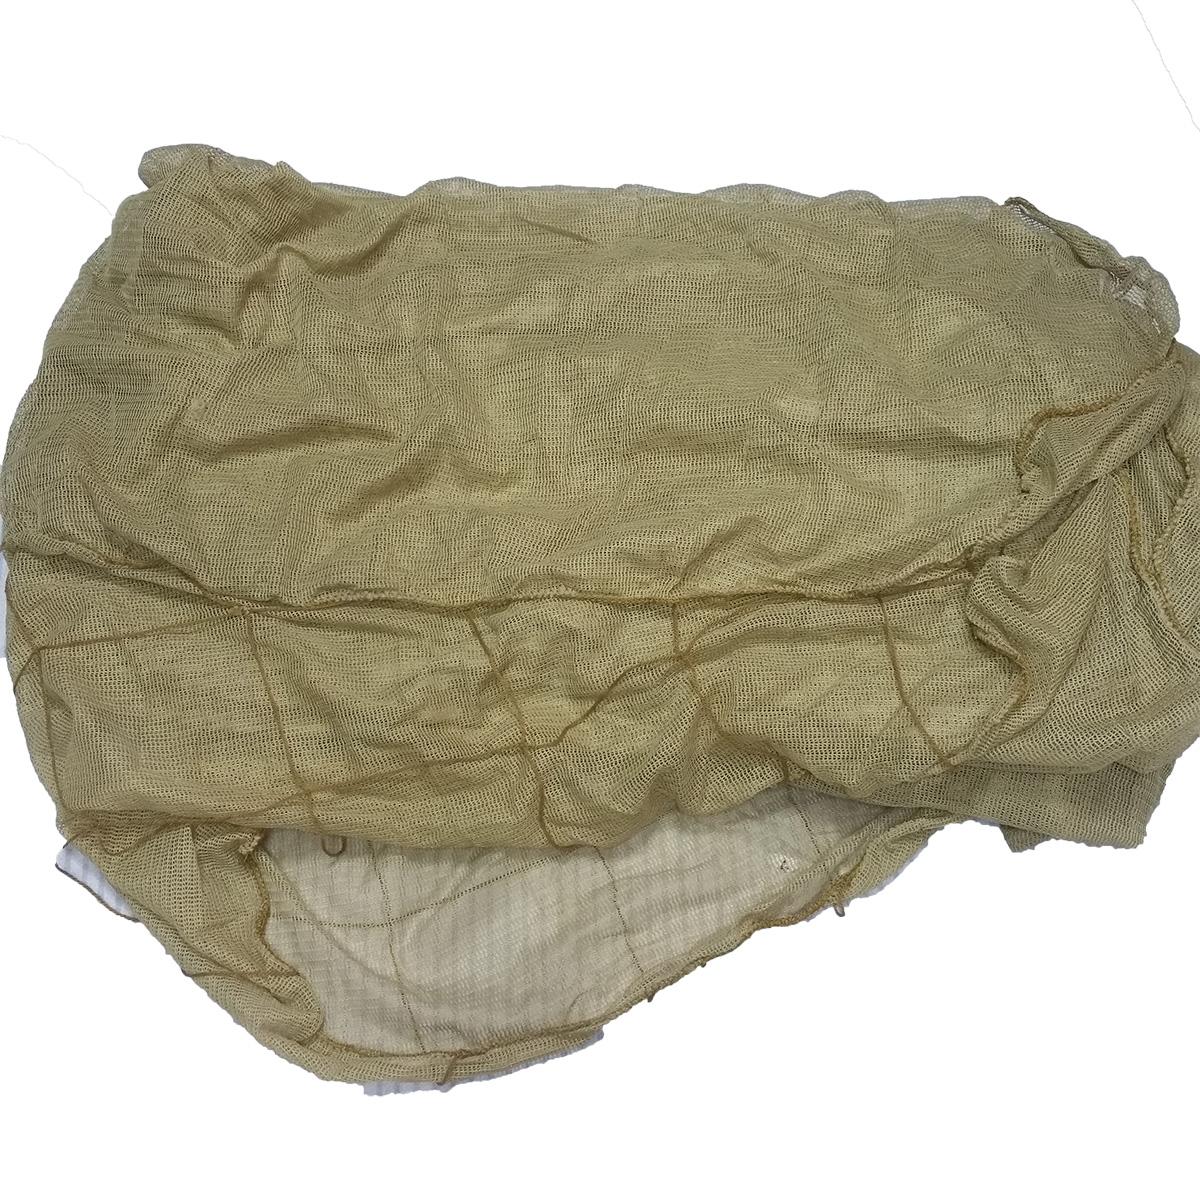 Mreža kamuflažna 4,6 x 4,6m